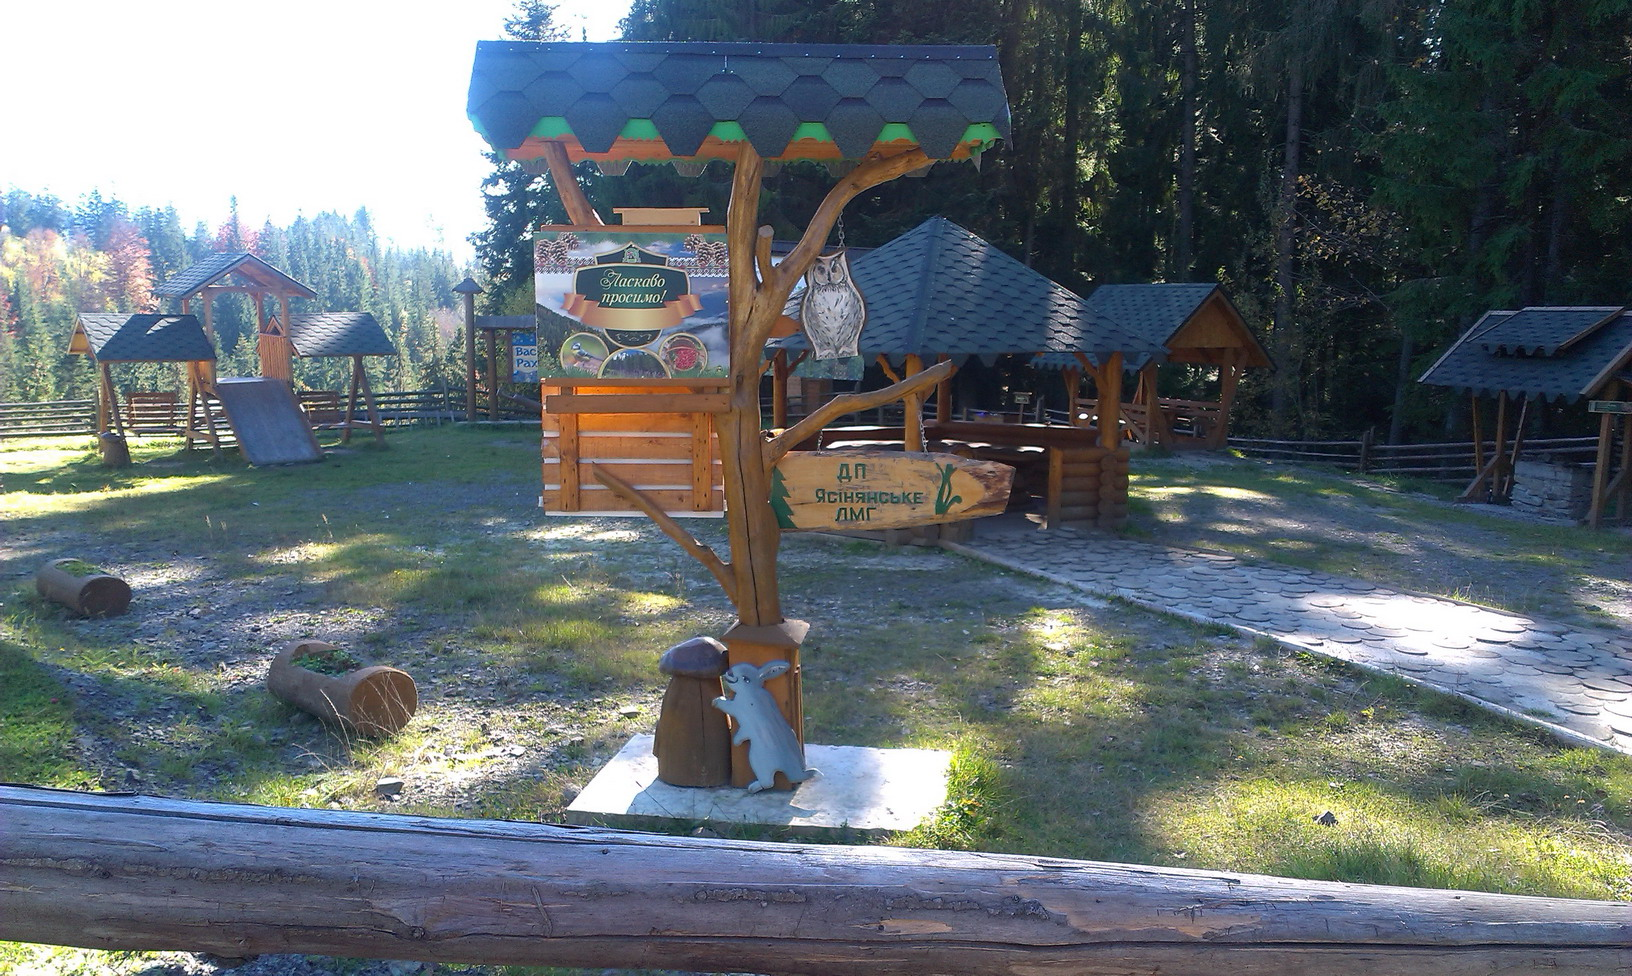 Місце для відпочинку недалеко від базарчика на Яблунецькому перевалі